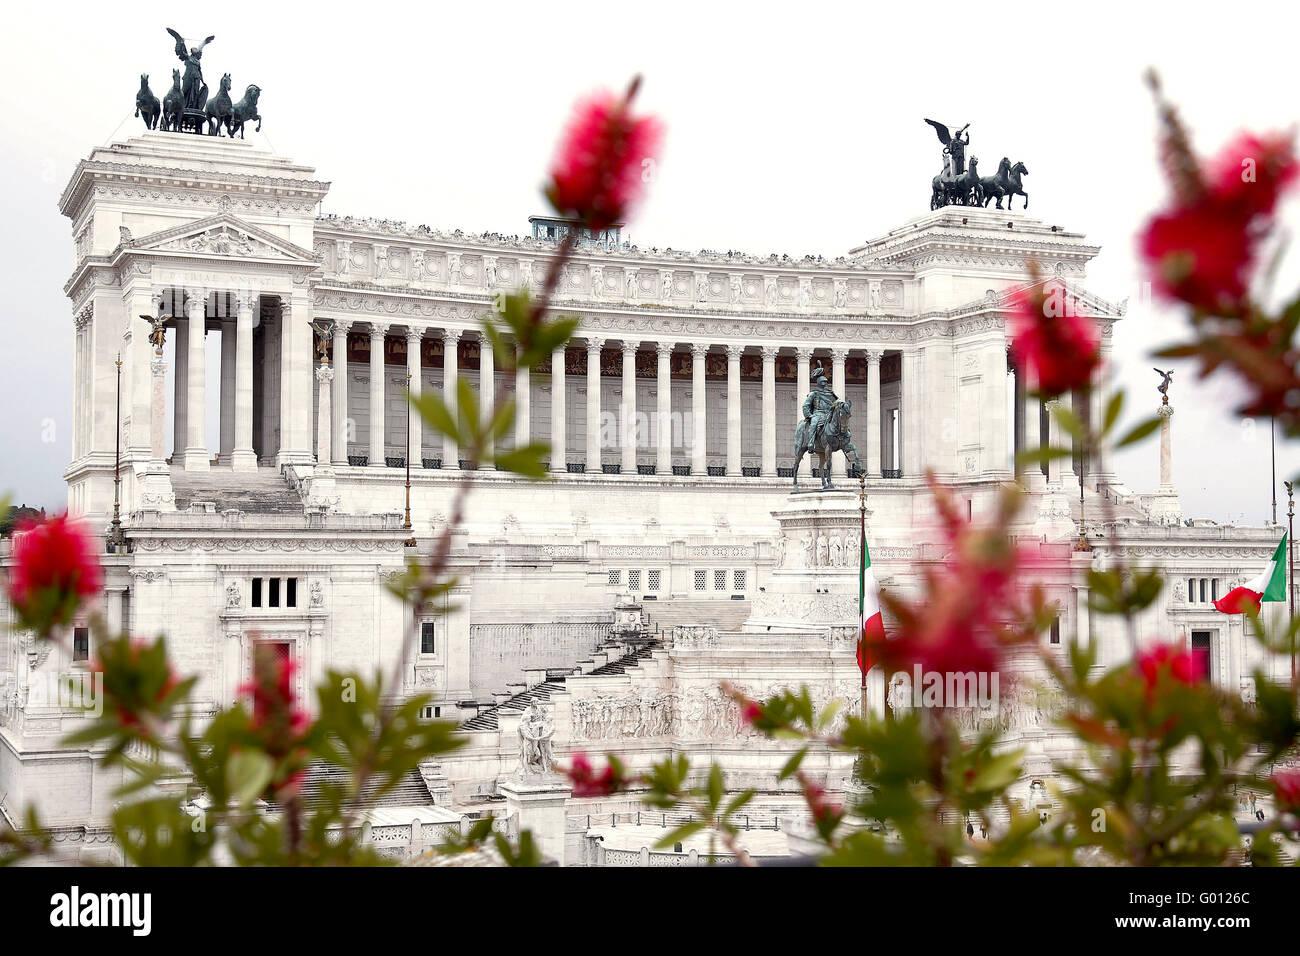 Rome 27th April 2016. the Tomb of the Unknown Soldier, called Altare della Patria. Photo Samantha Zucchi Insidefoto - Stock Image